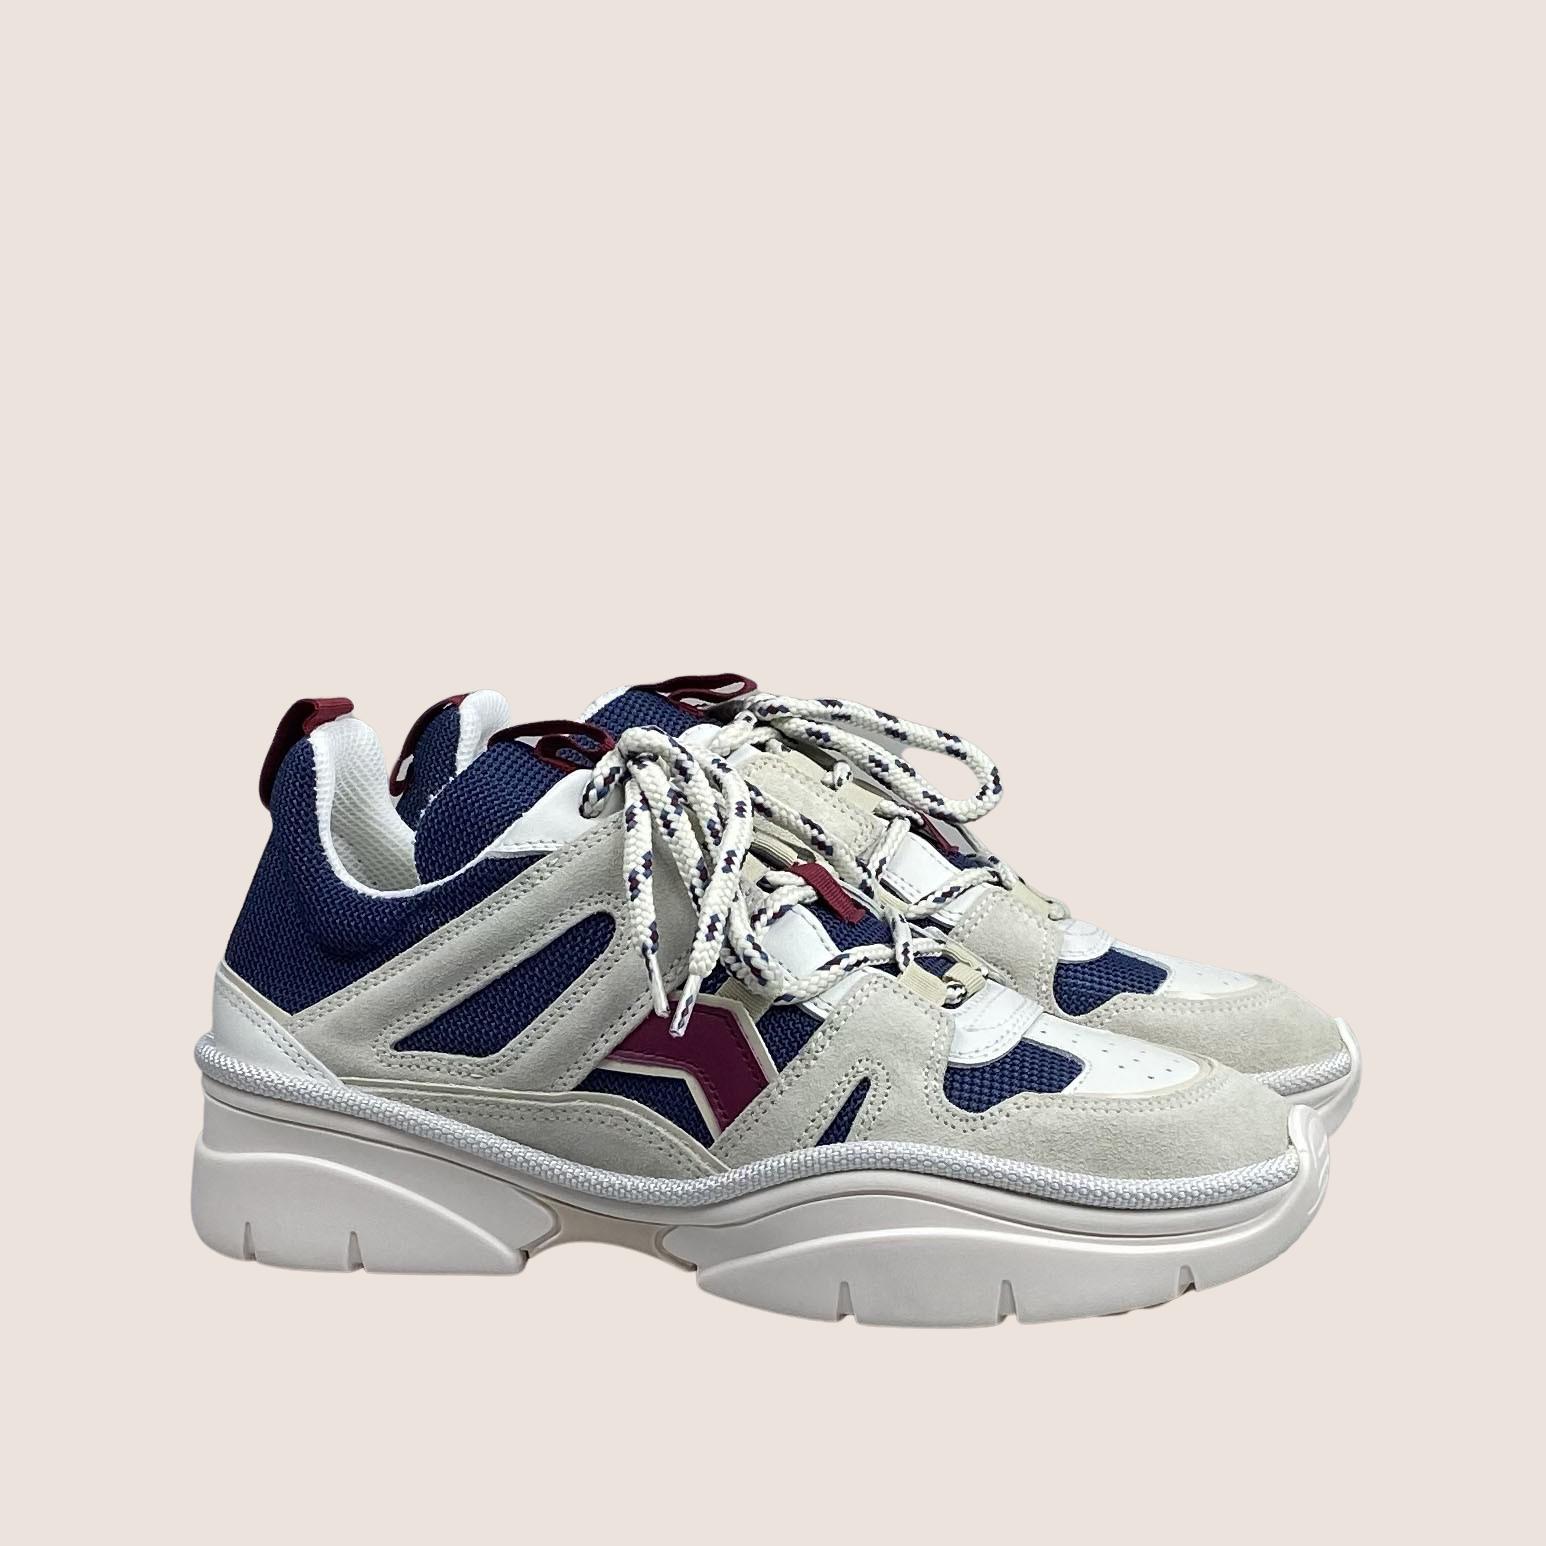 Kindsay Sneakers